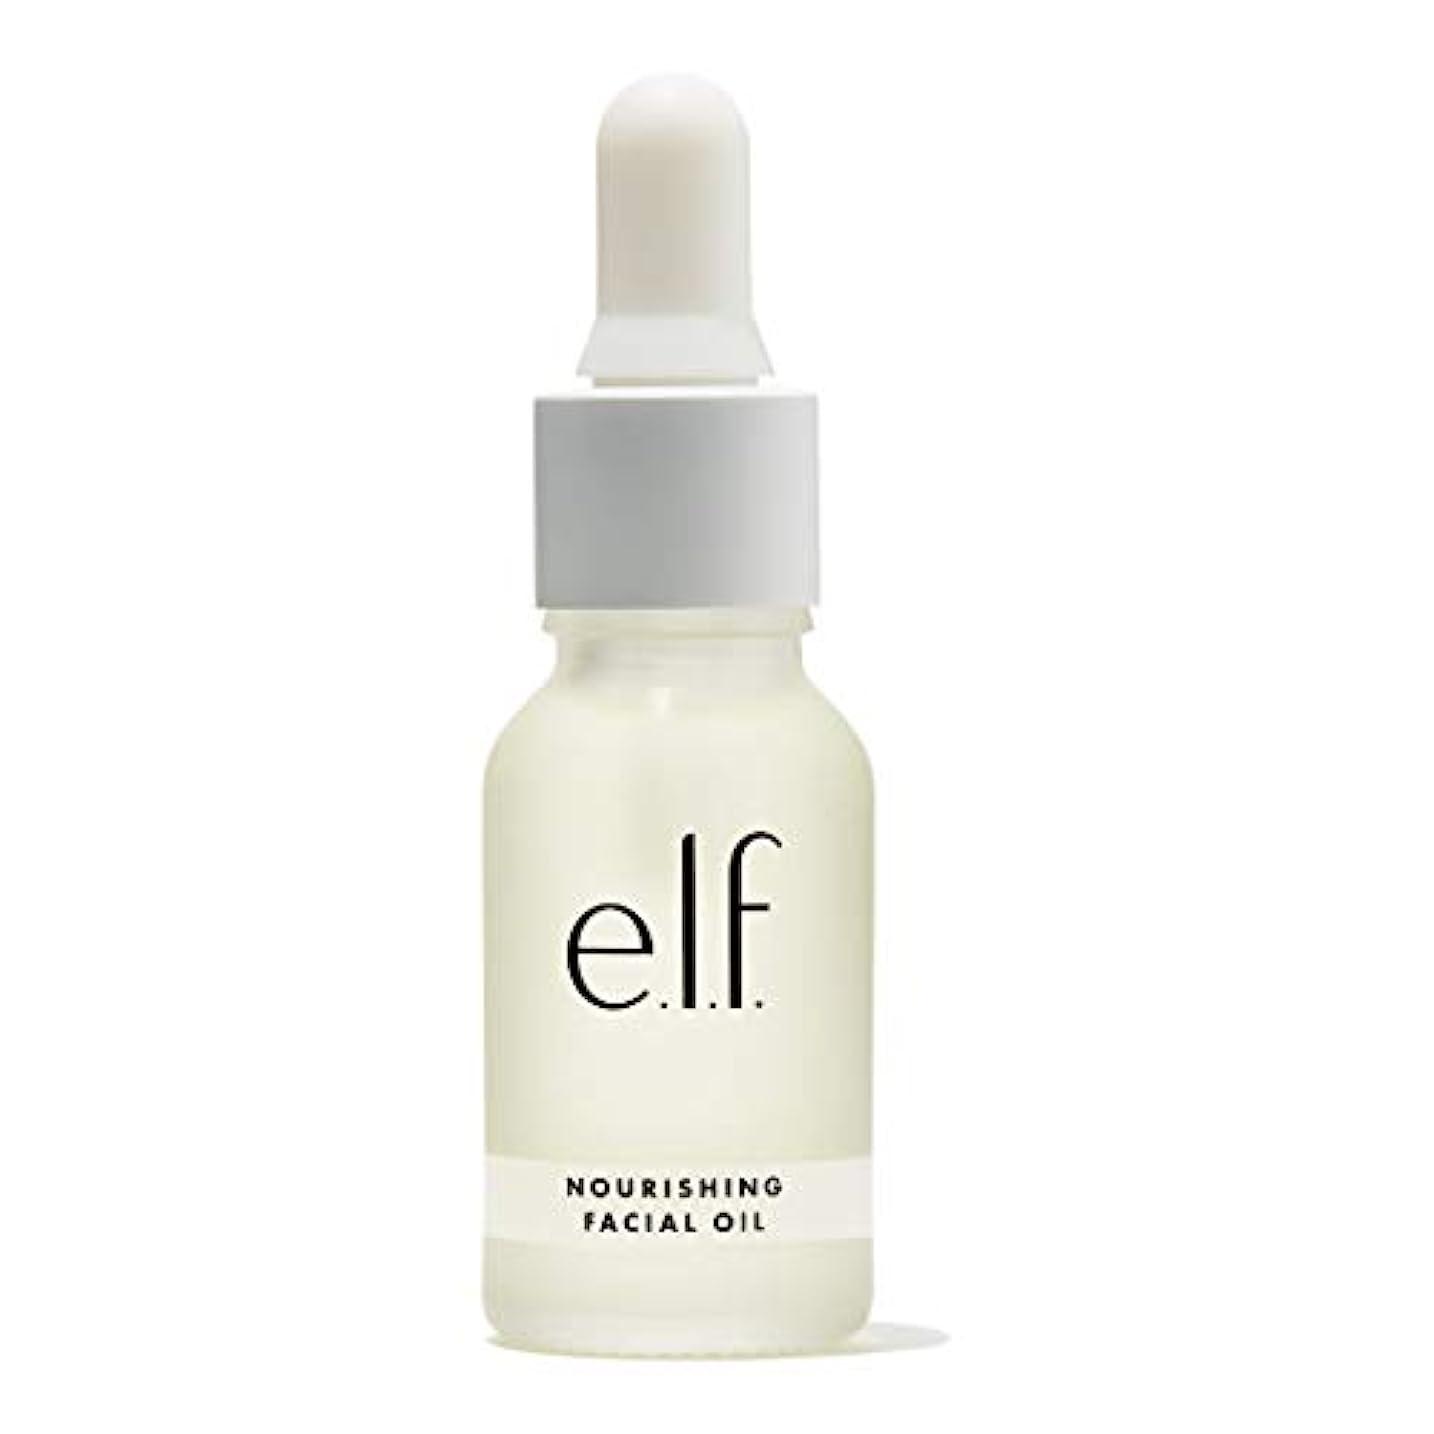 豆腐間違いなく栄光の(6 Pack) e.l.f. Nourishing Facial Oil (並行輸入品)